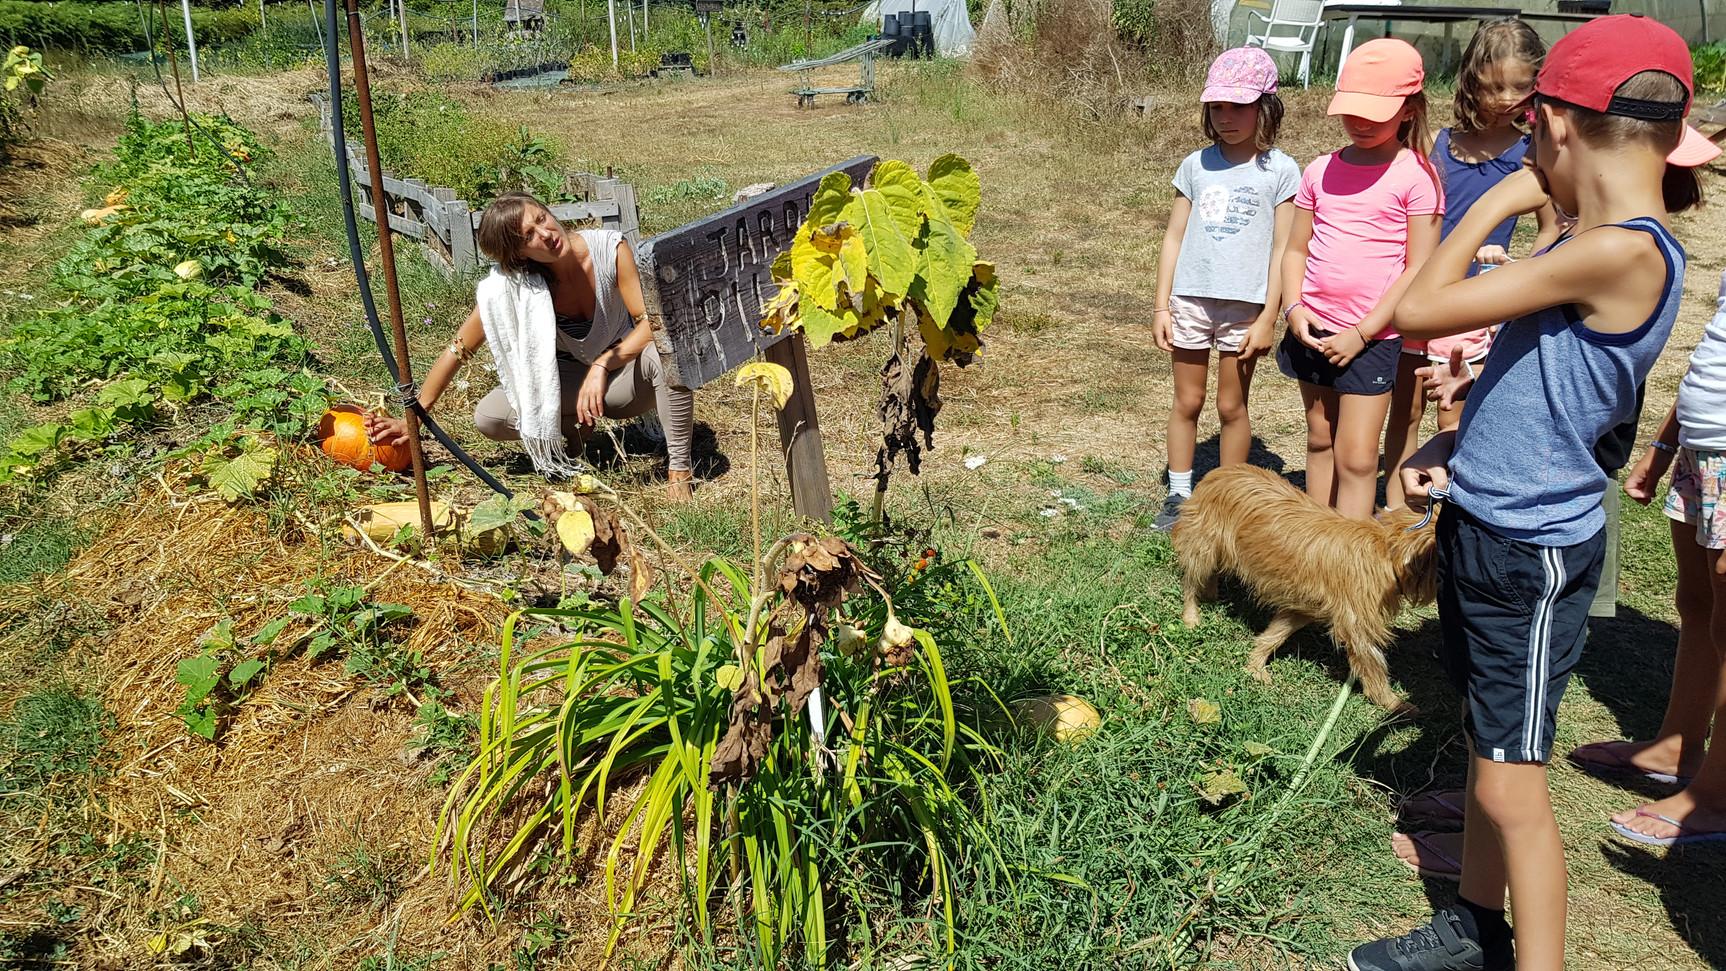 Visite du jardin et découverte des légumes de saison...